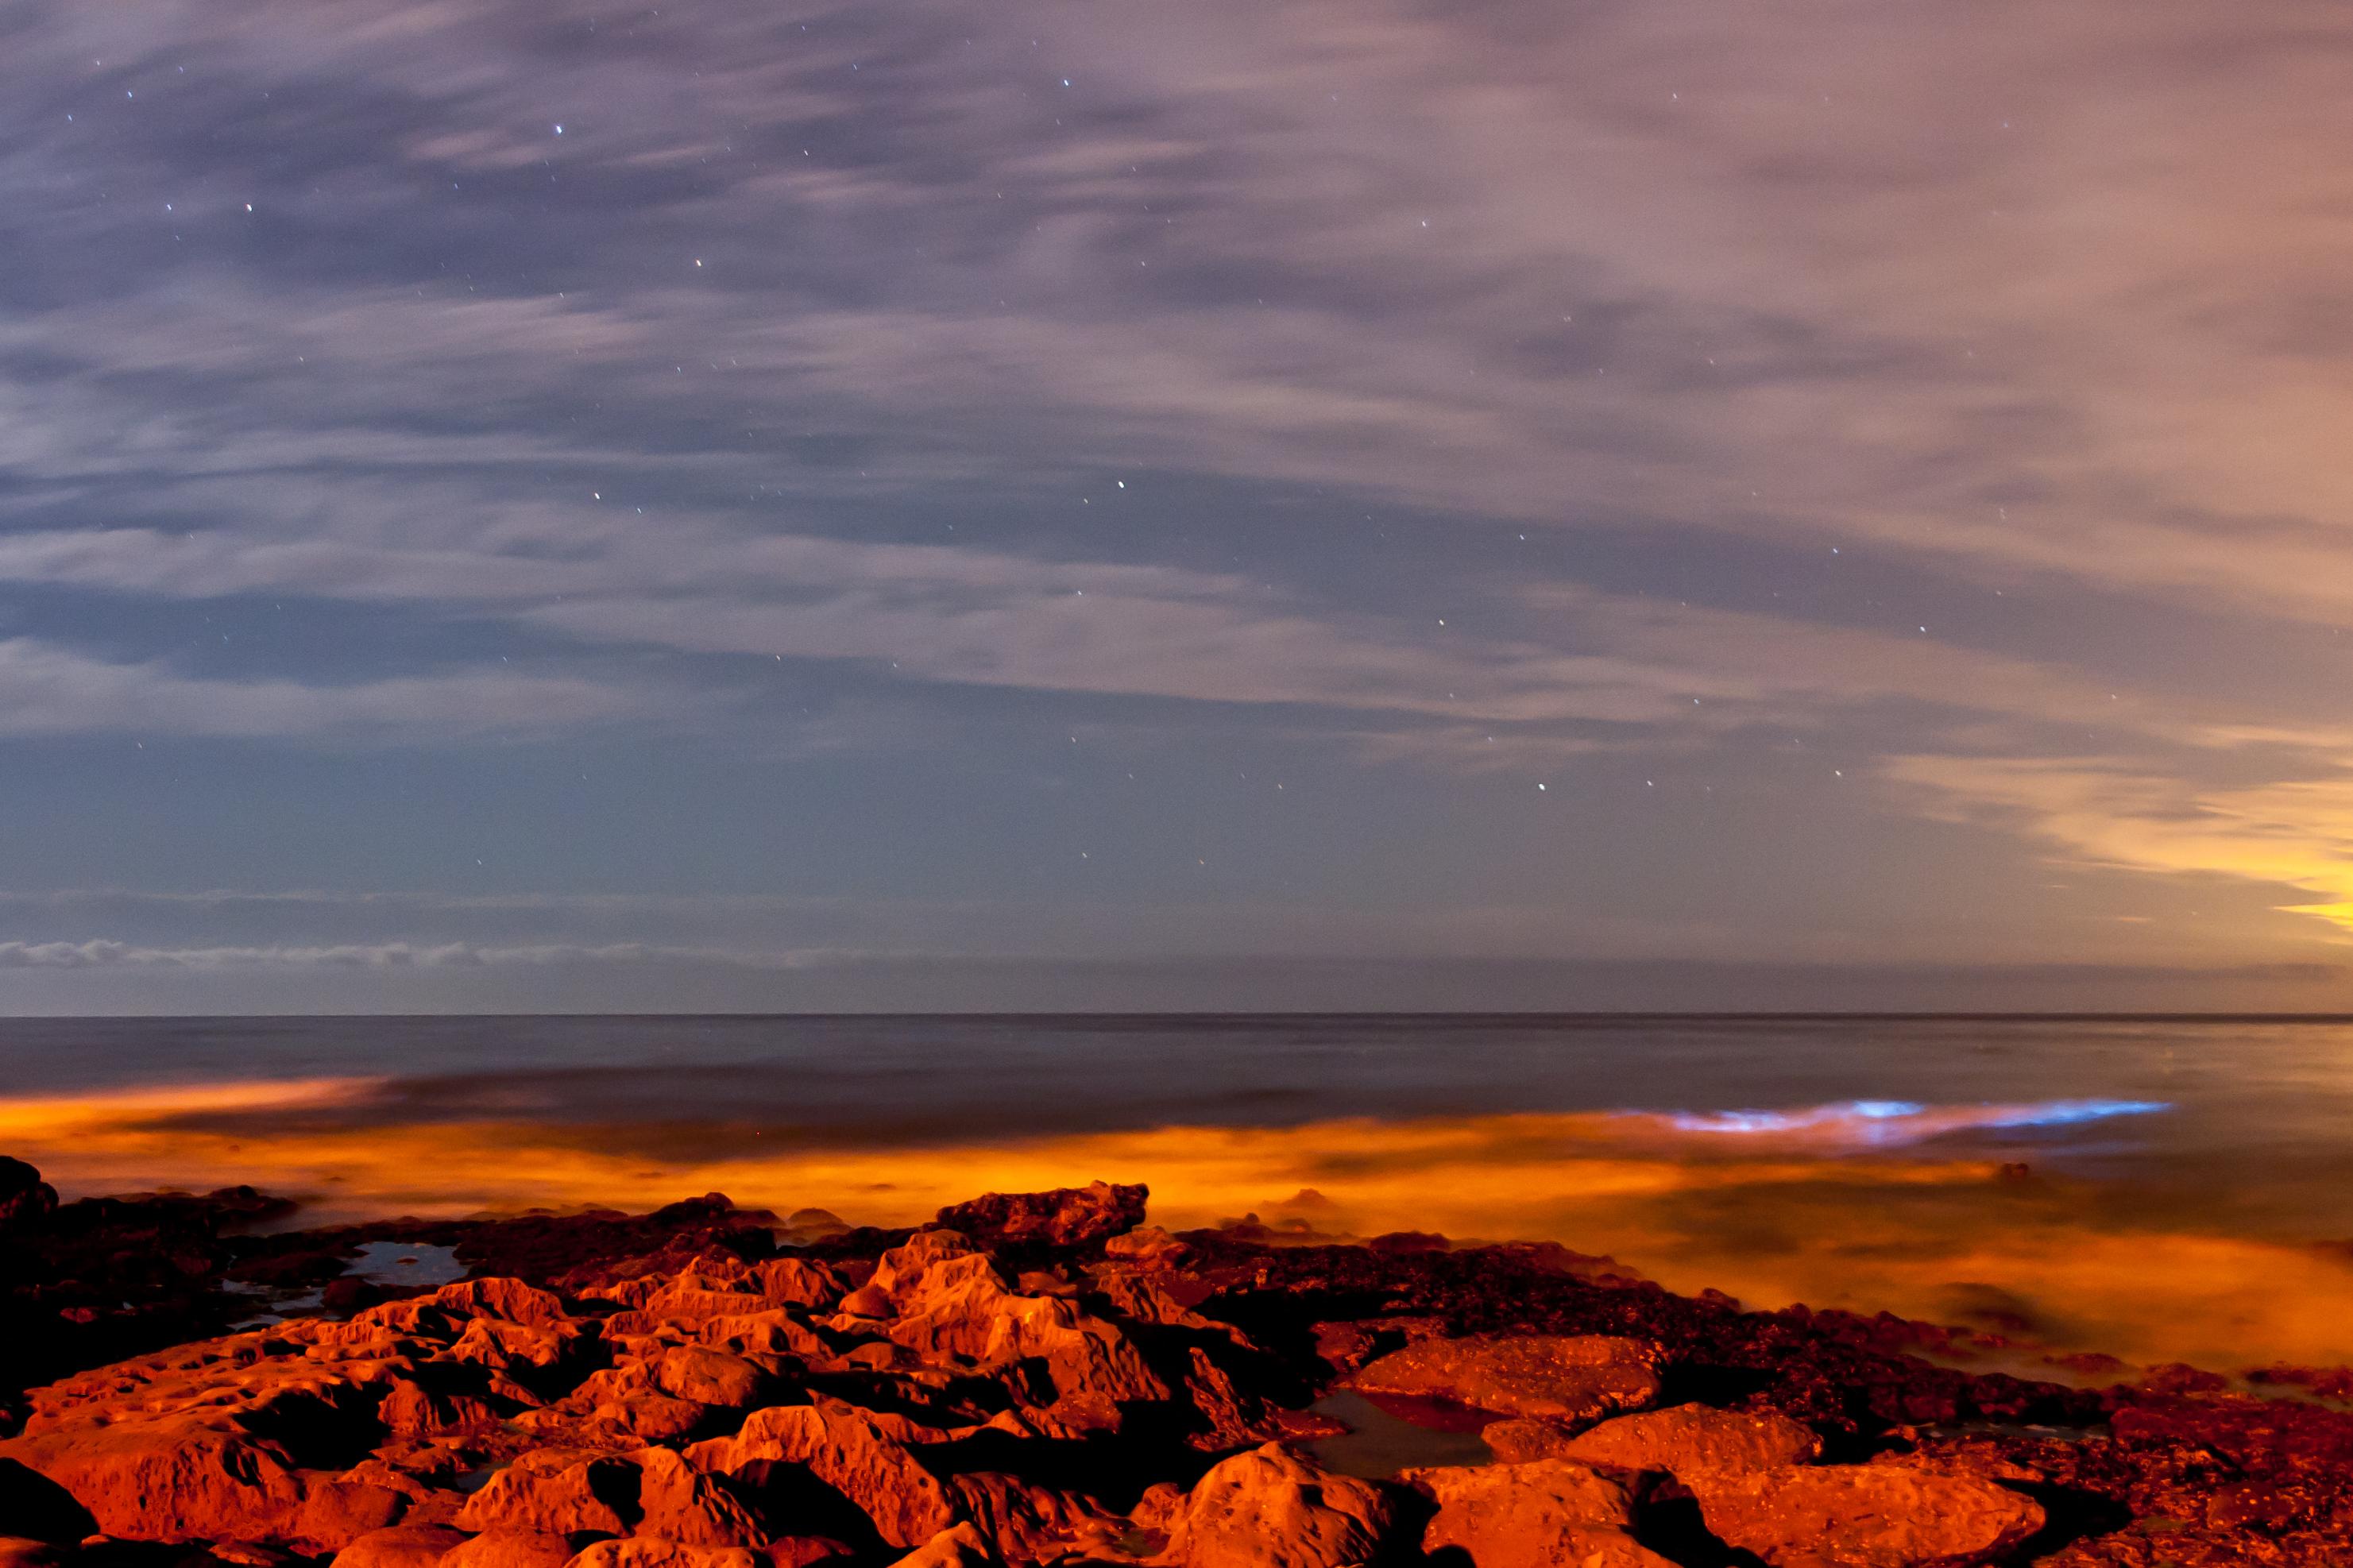 Некоторые виды фитопланктона содержат пигменты, оттенки которых варьируются от красного до коричневого цветов. Цветение таких организмов называют «красным приливом». Нафото: цветение Lingulodinium polyedrum уберегов Сан-Диего. Источник: Flickr